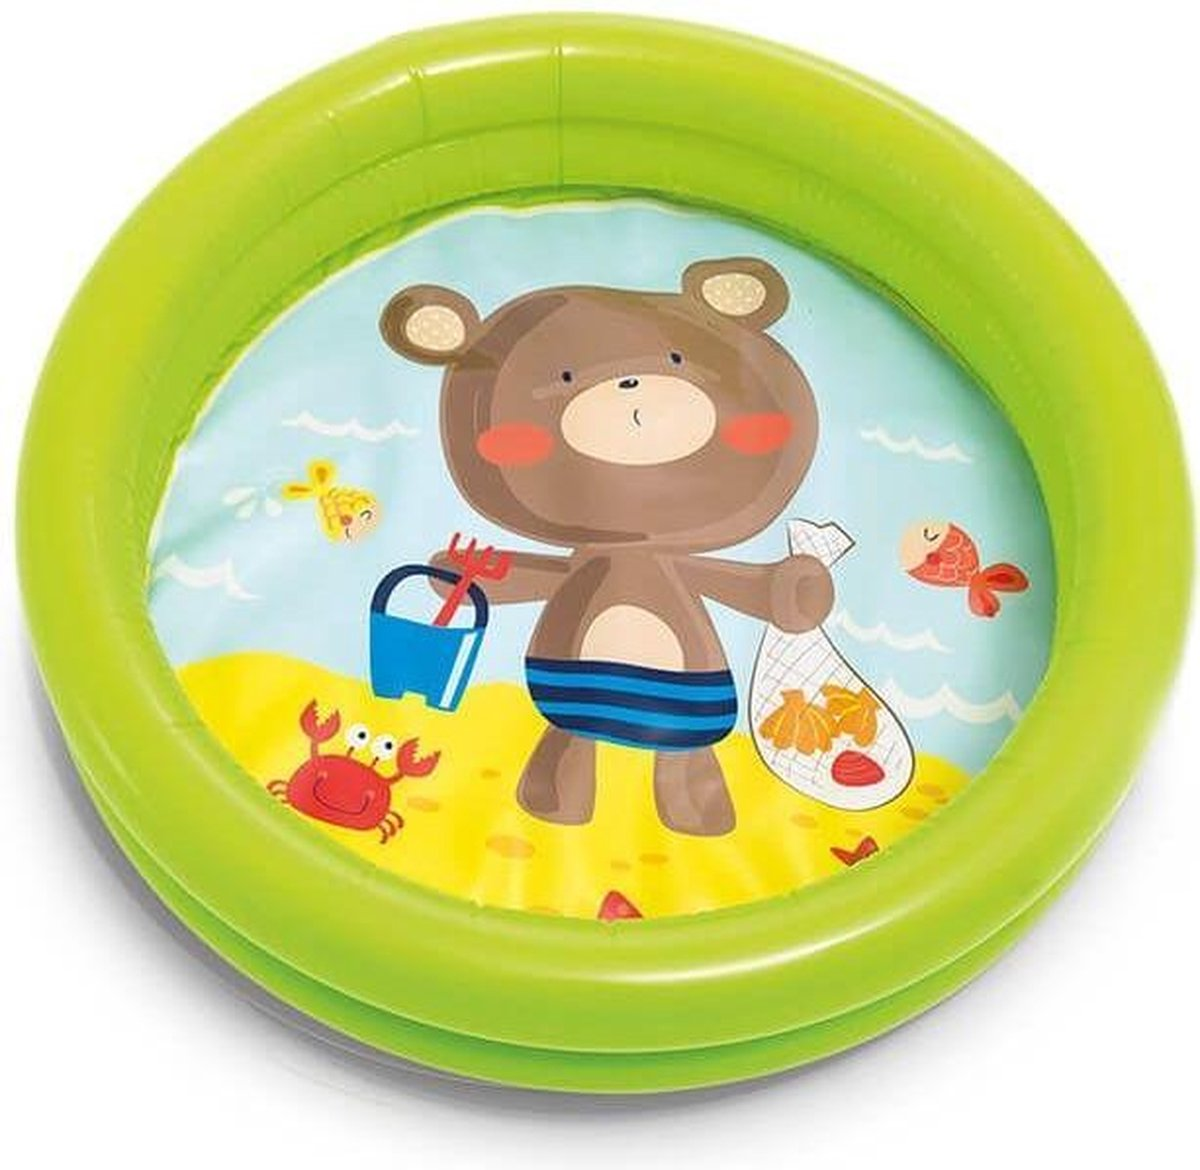 Beer INTEX kinderzwembad - Peuter zwembad - Kinder Zwembad - Baby Zwembad - Kinderzwembad - Zwembadje - Speelzwembad - Buitenzwembad - Opblaas zwembad - Multi design - Groen - Rond - 61 cm x 15 cm - ballenbad